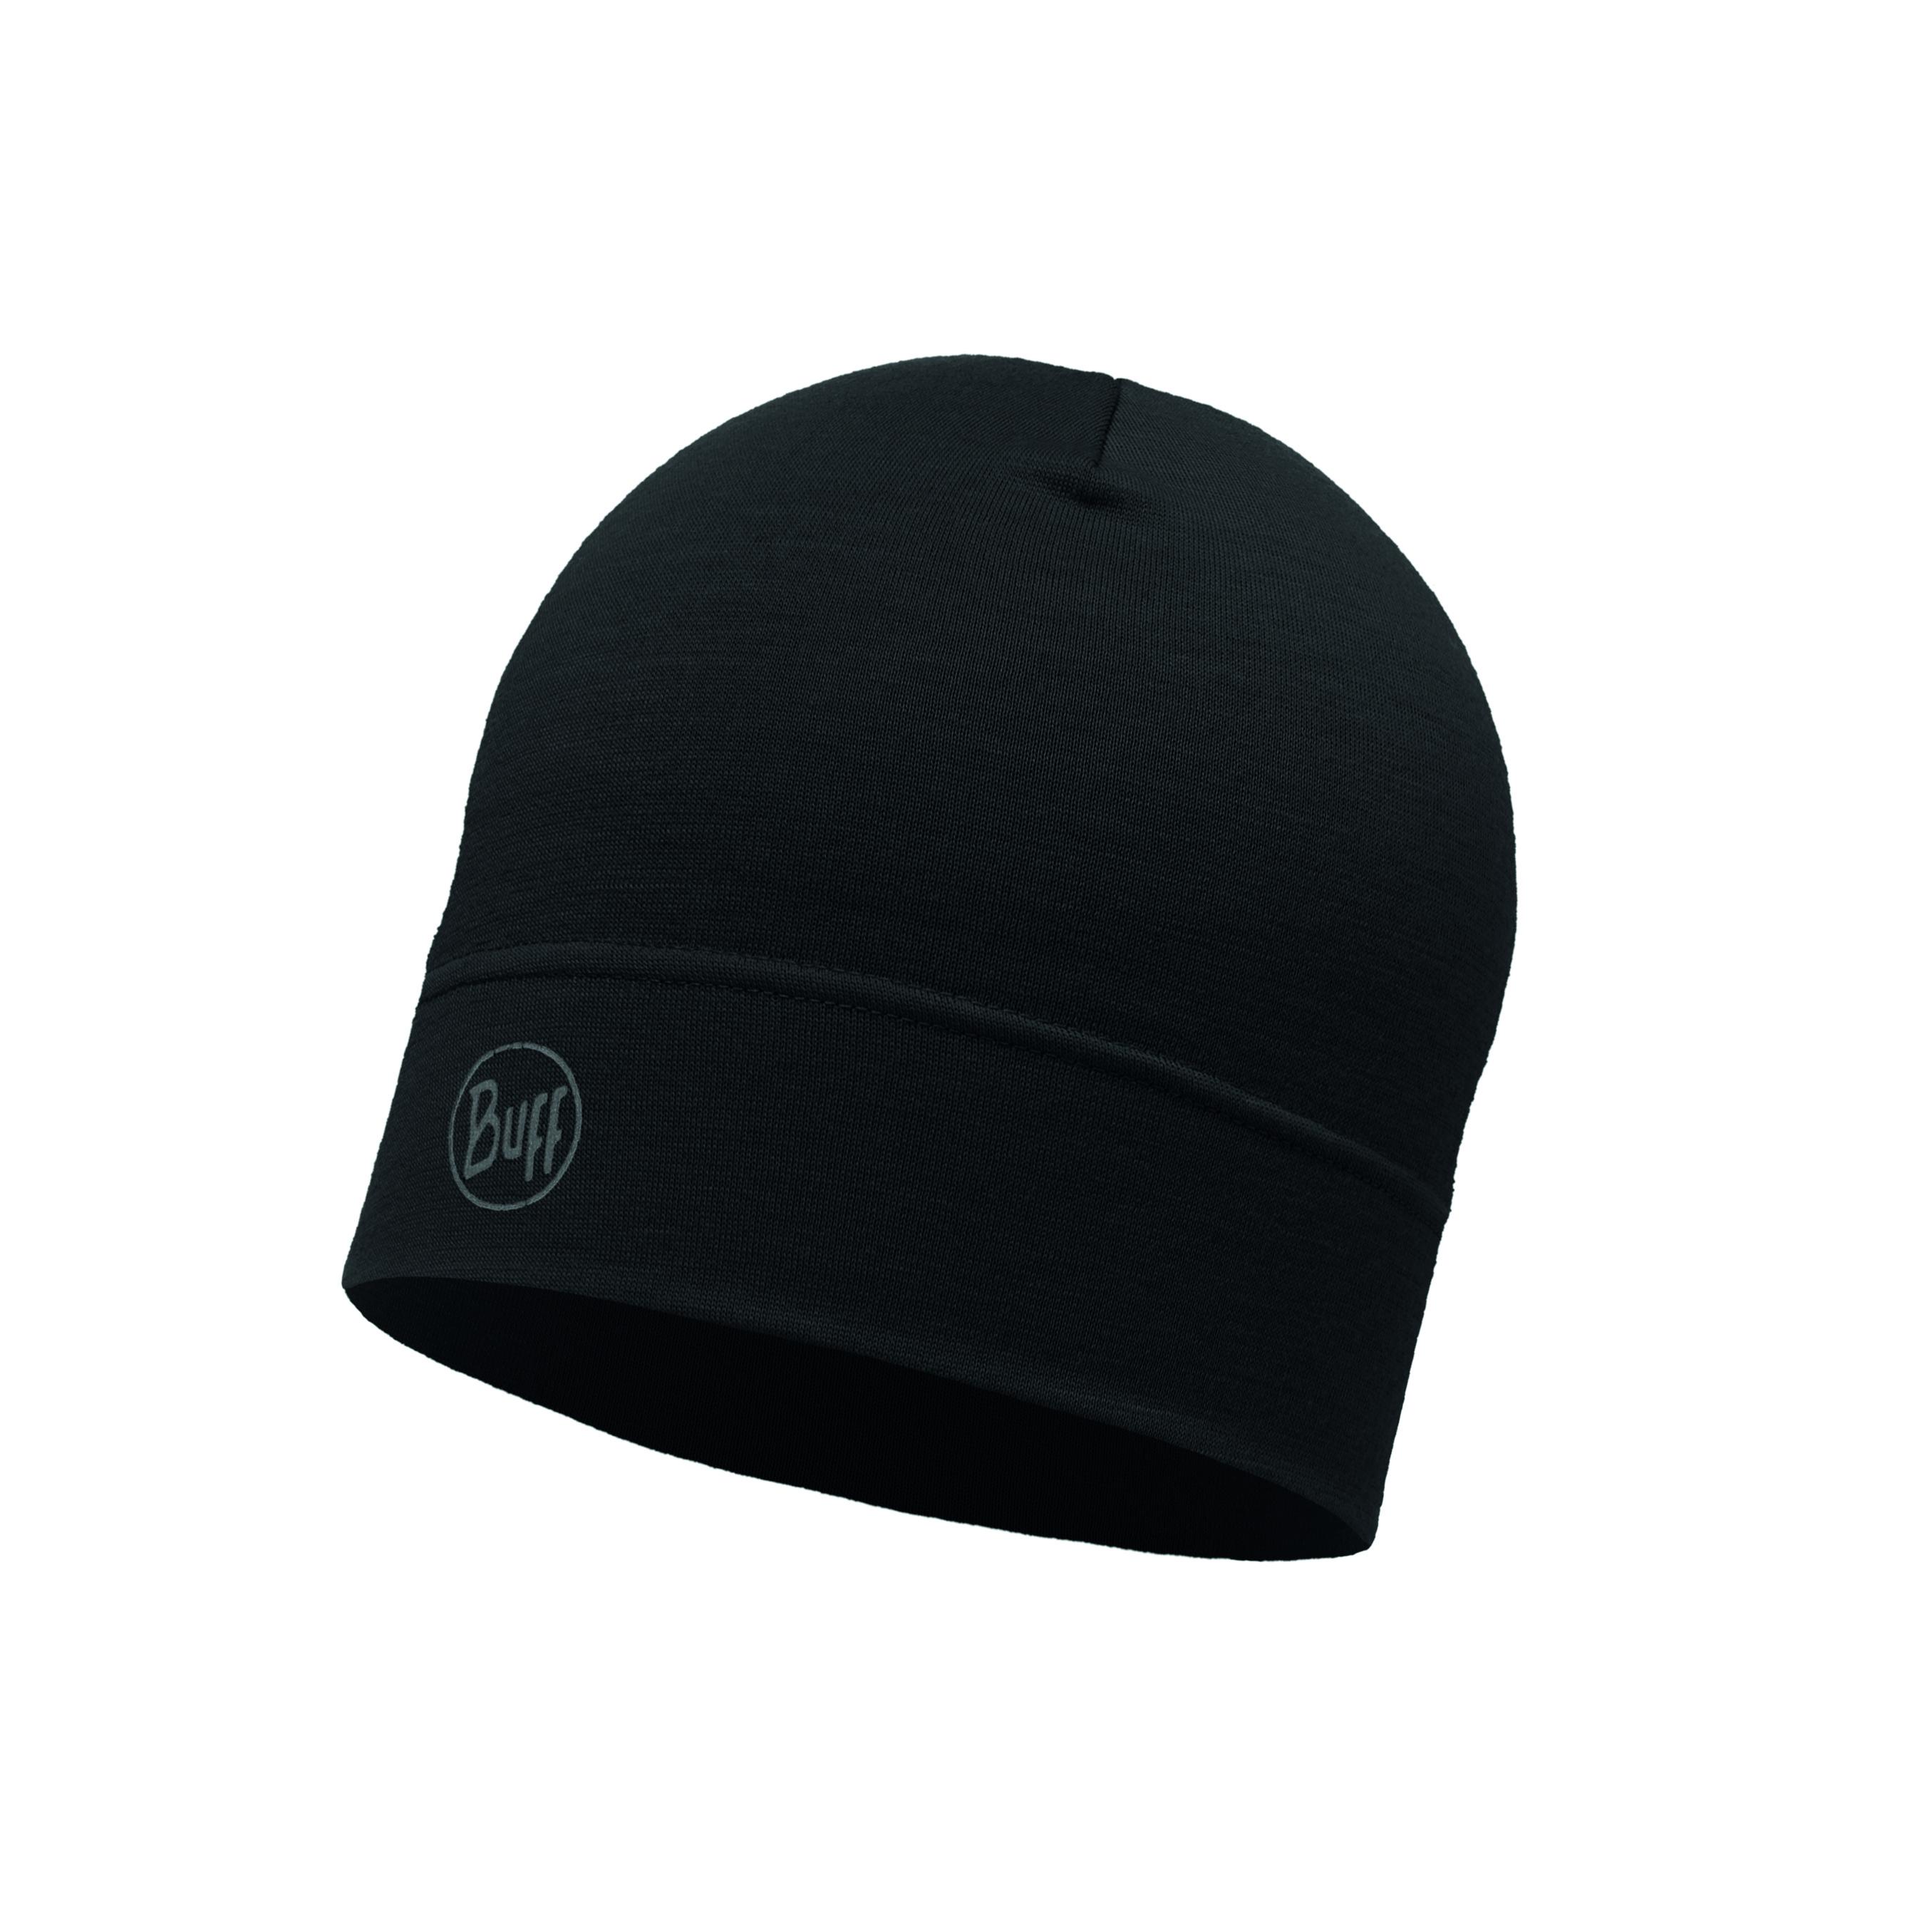 Купить Шапка BUFF MIDWEIGHT MERINO WOOL HAT SOLID BLACK, Аксессуары Buff ®, 1308057